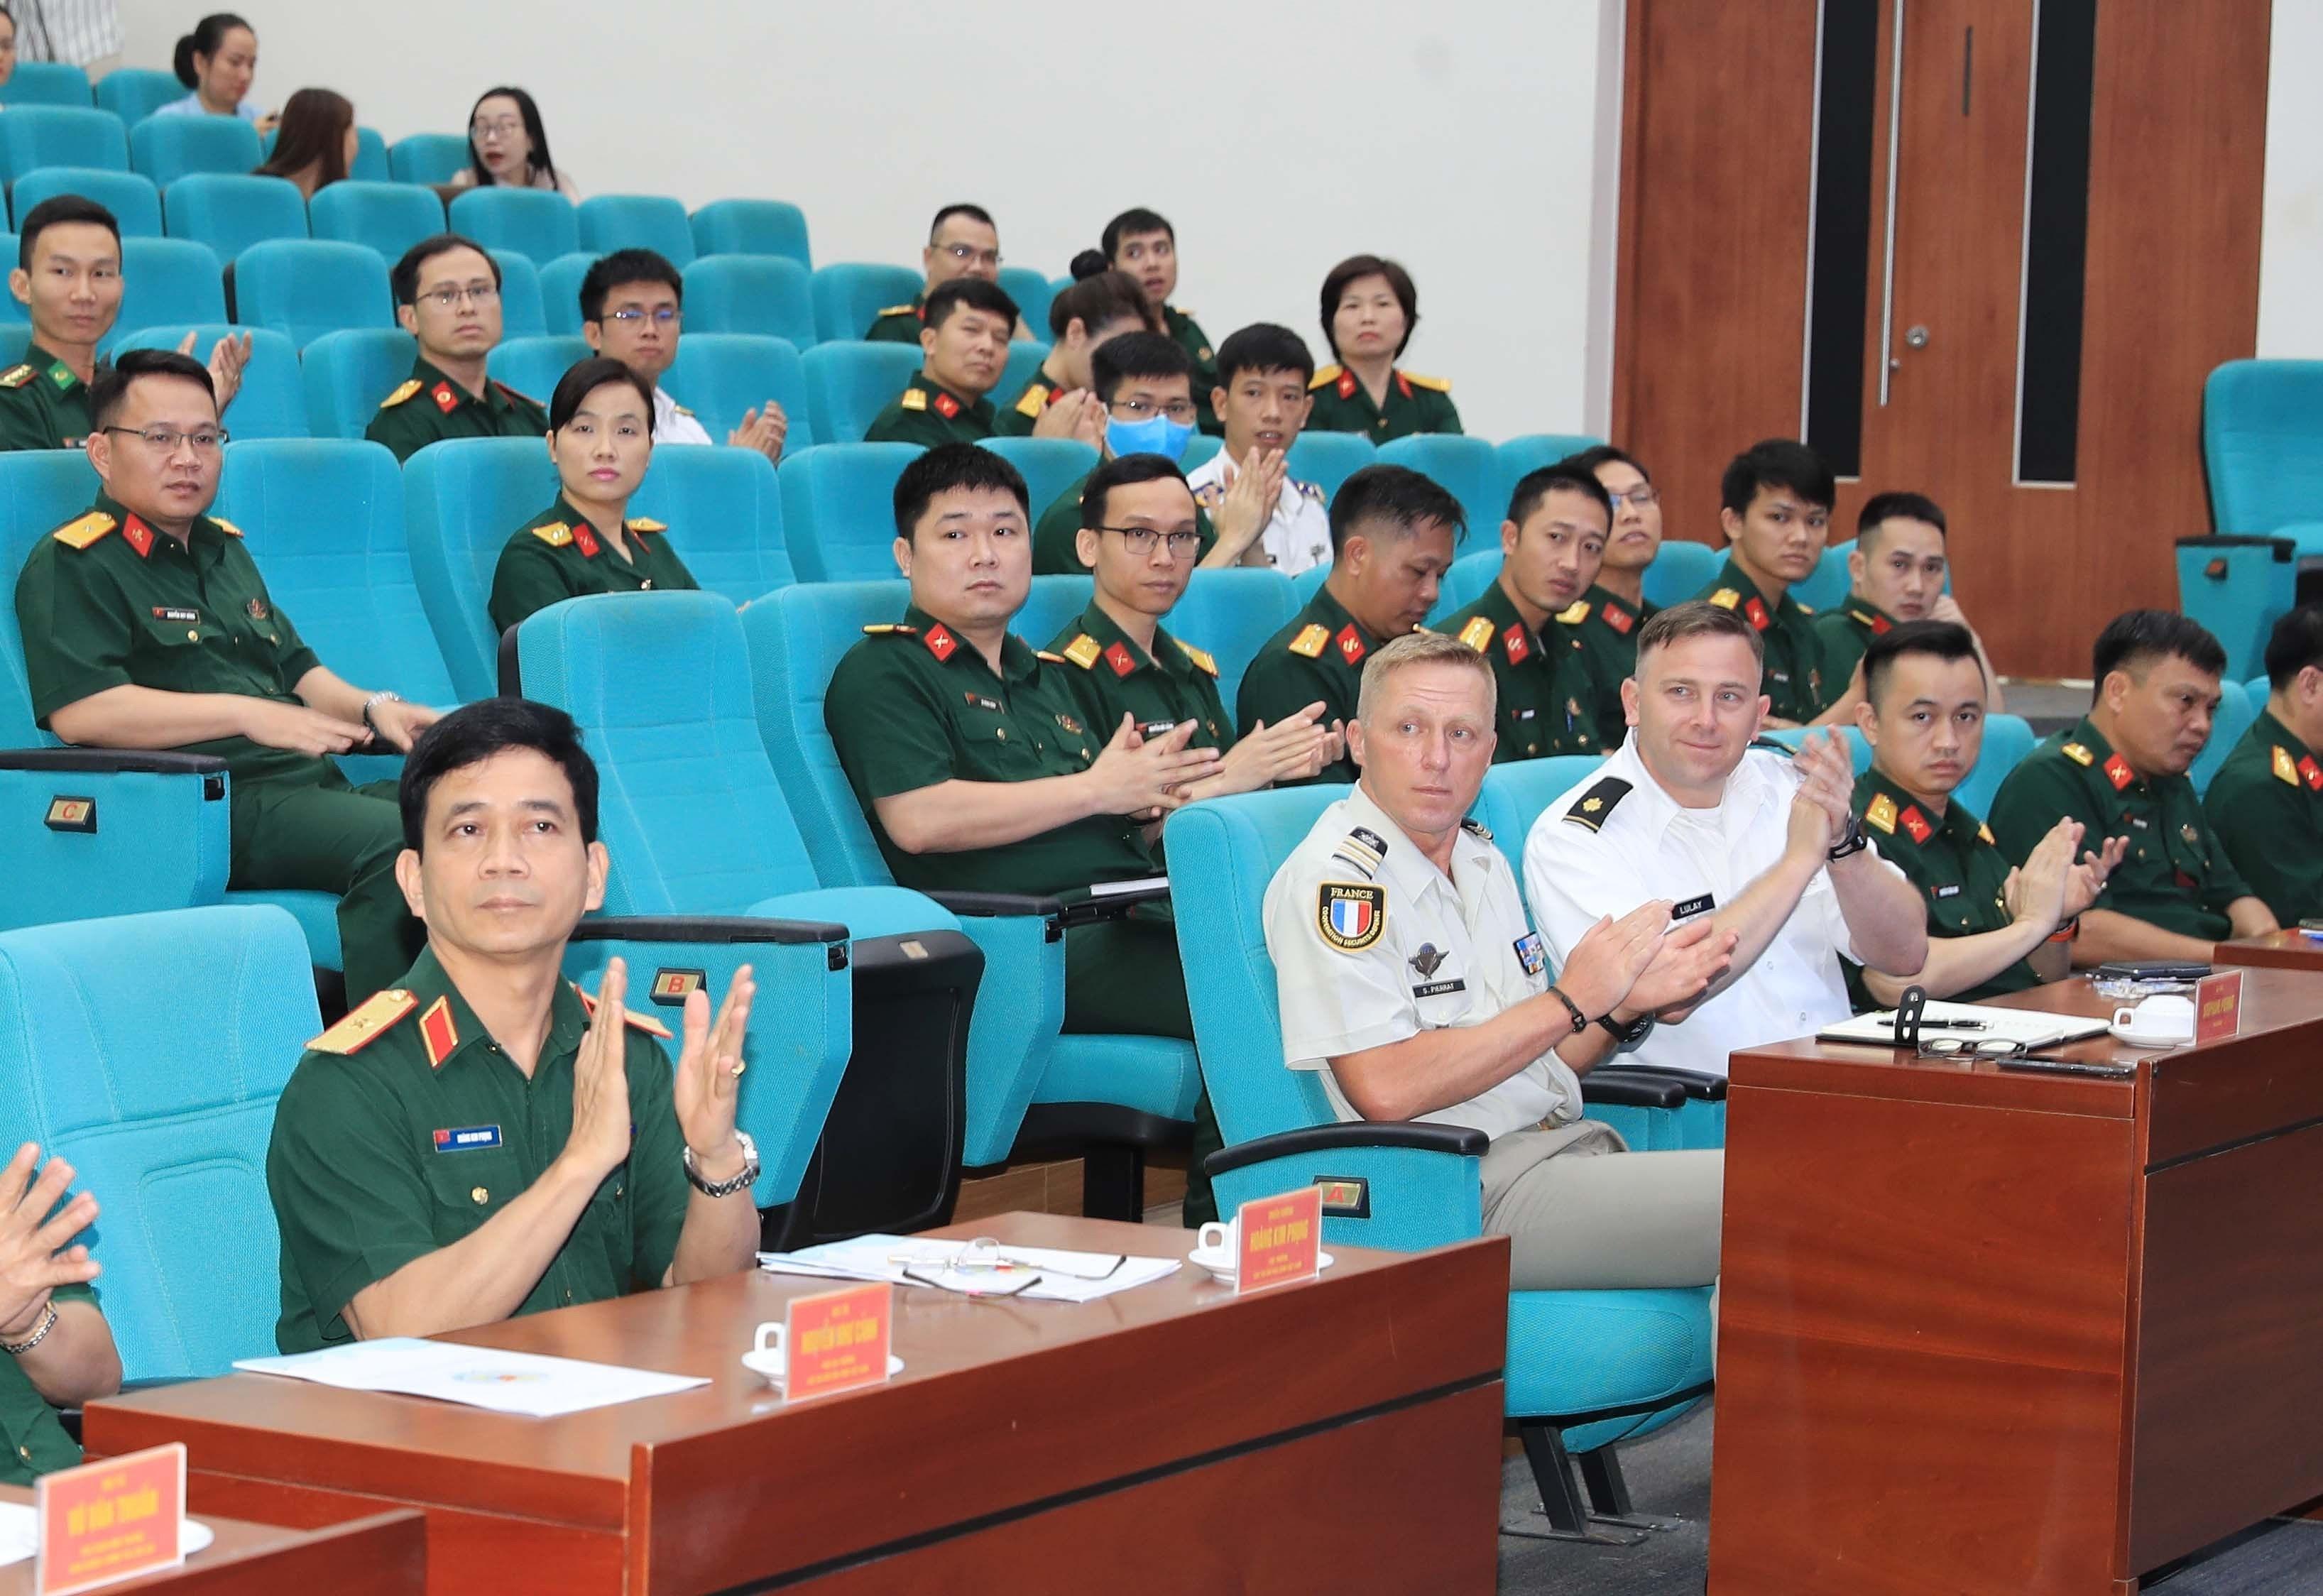 Ouverture d'un cours de formation pour les officiers d'etat-major des Nations Unies hinh anh 1